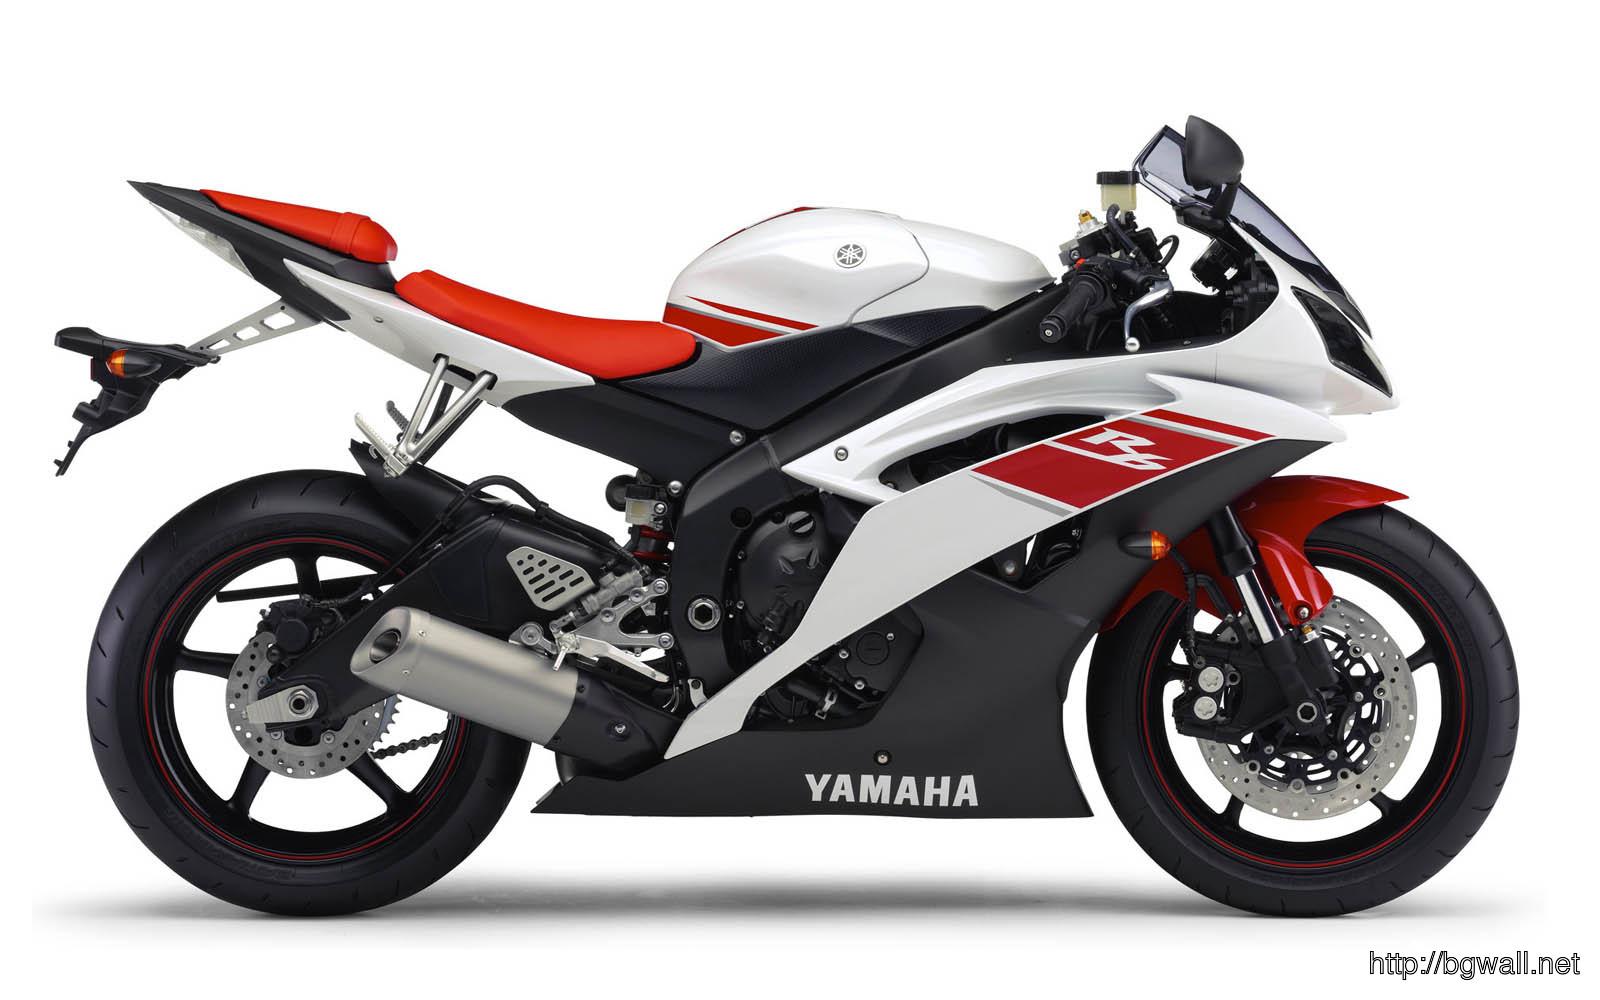 Yamaha R6 Bike Wallpapers